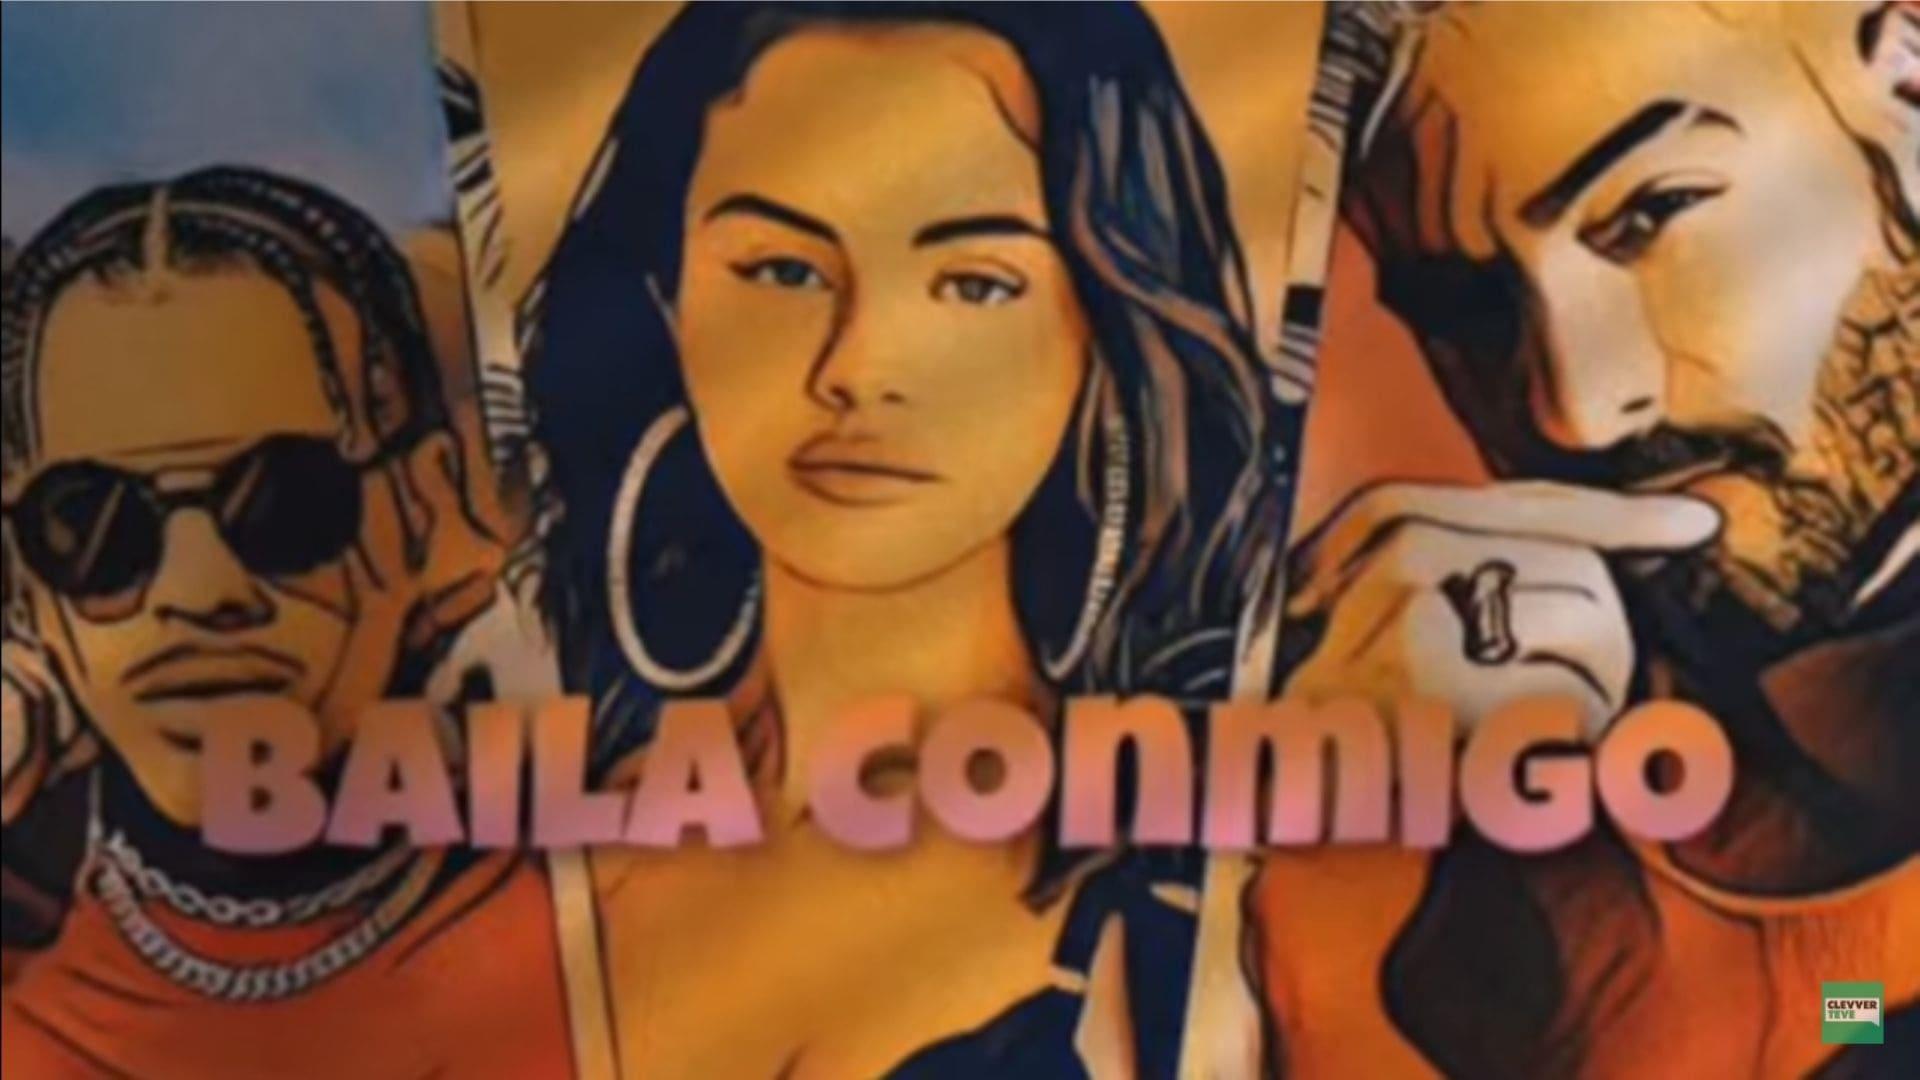 Selena Gómez lanzaría tema con Maluma, Rauw Alejandro, JLo, entre otros artistas para su nuevo álbum musical